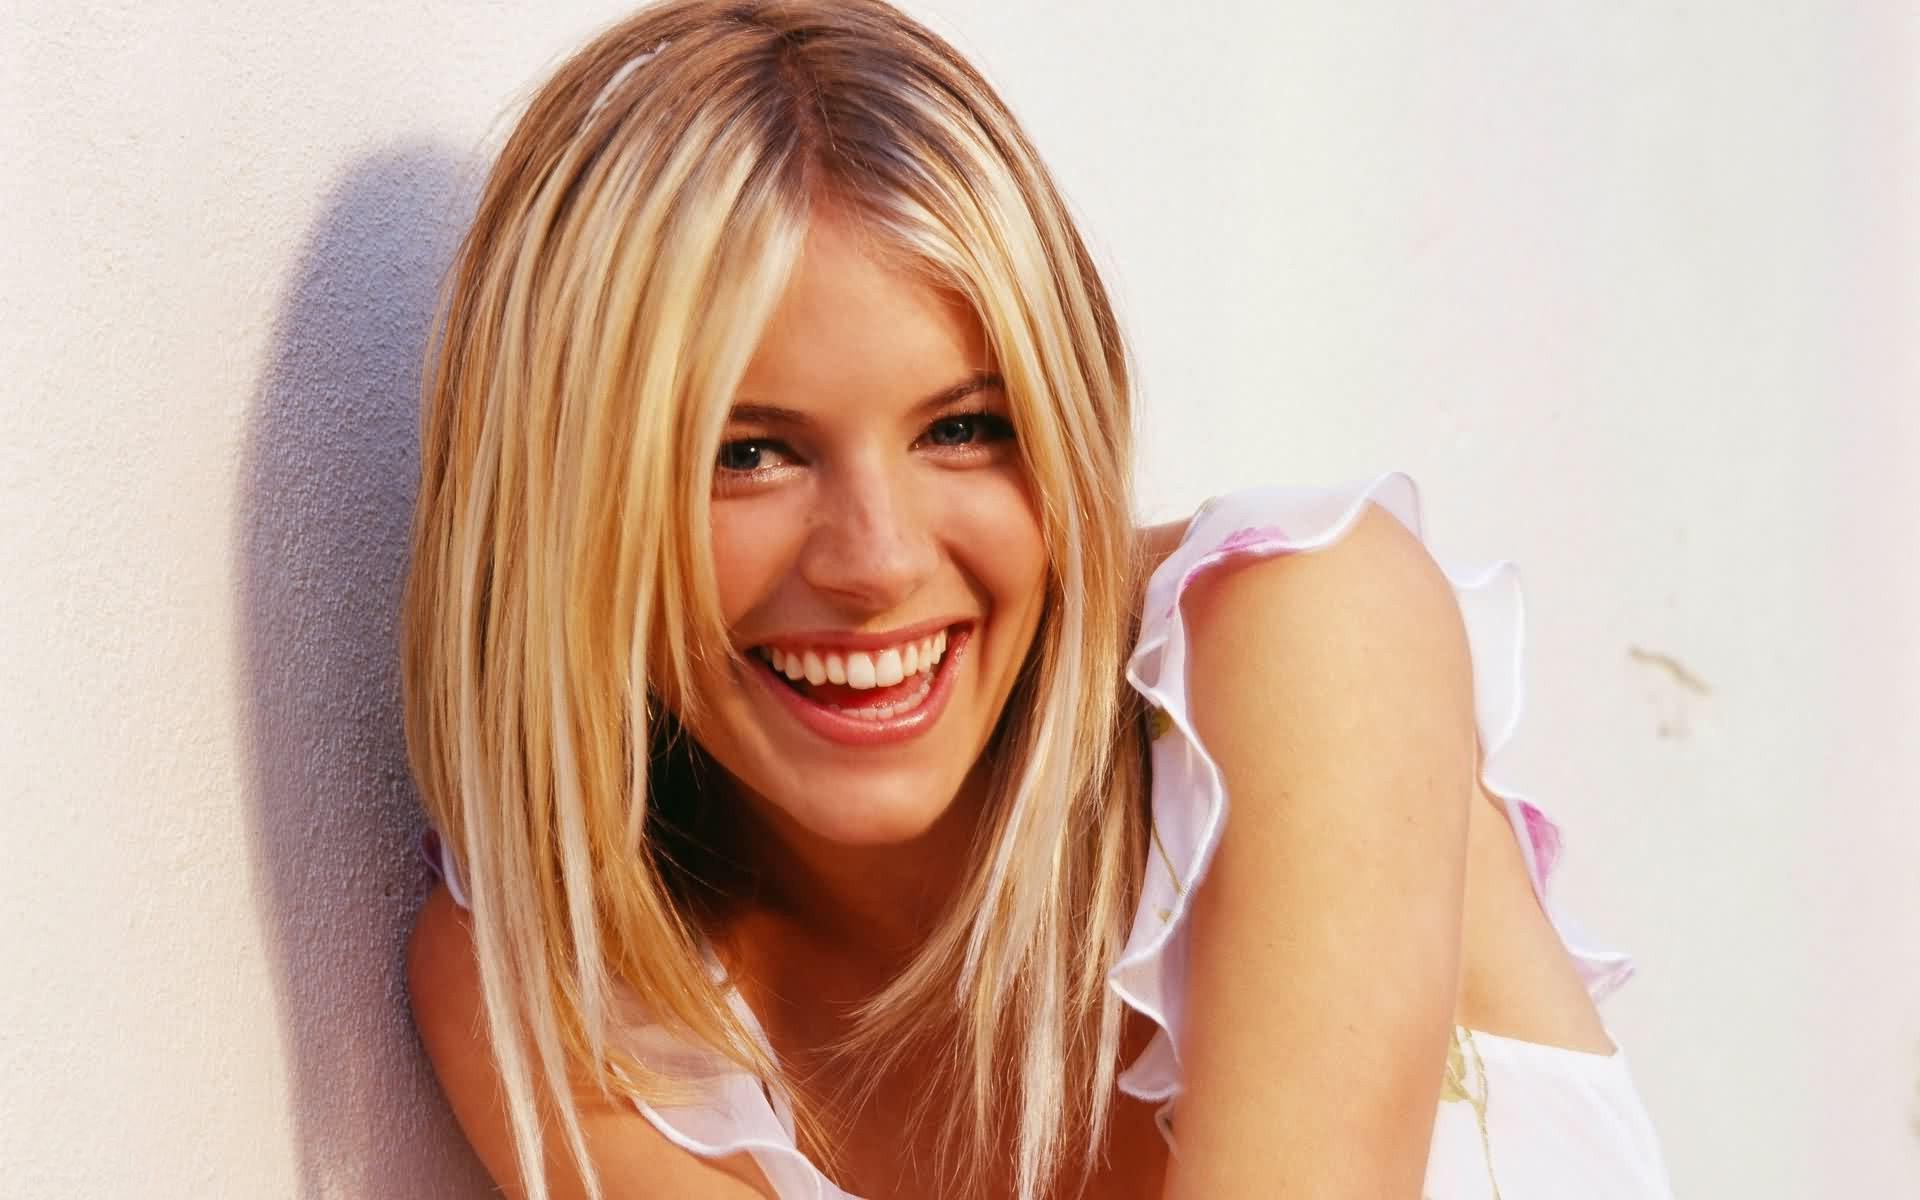 sienna miller smile wallpaper 51005